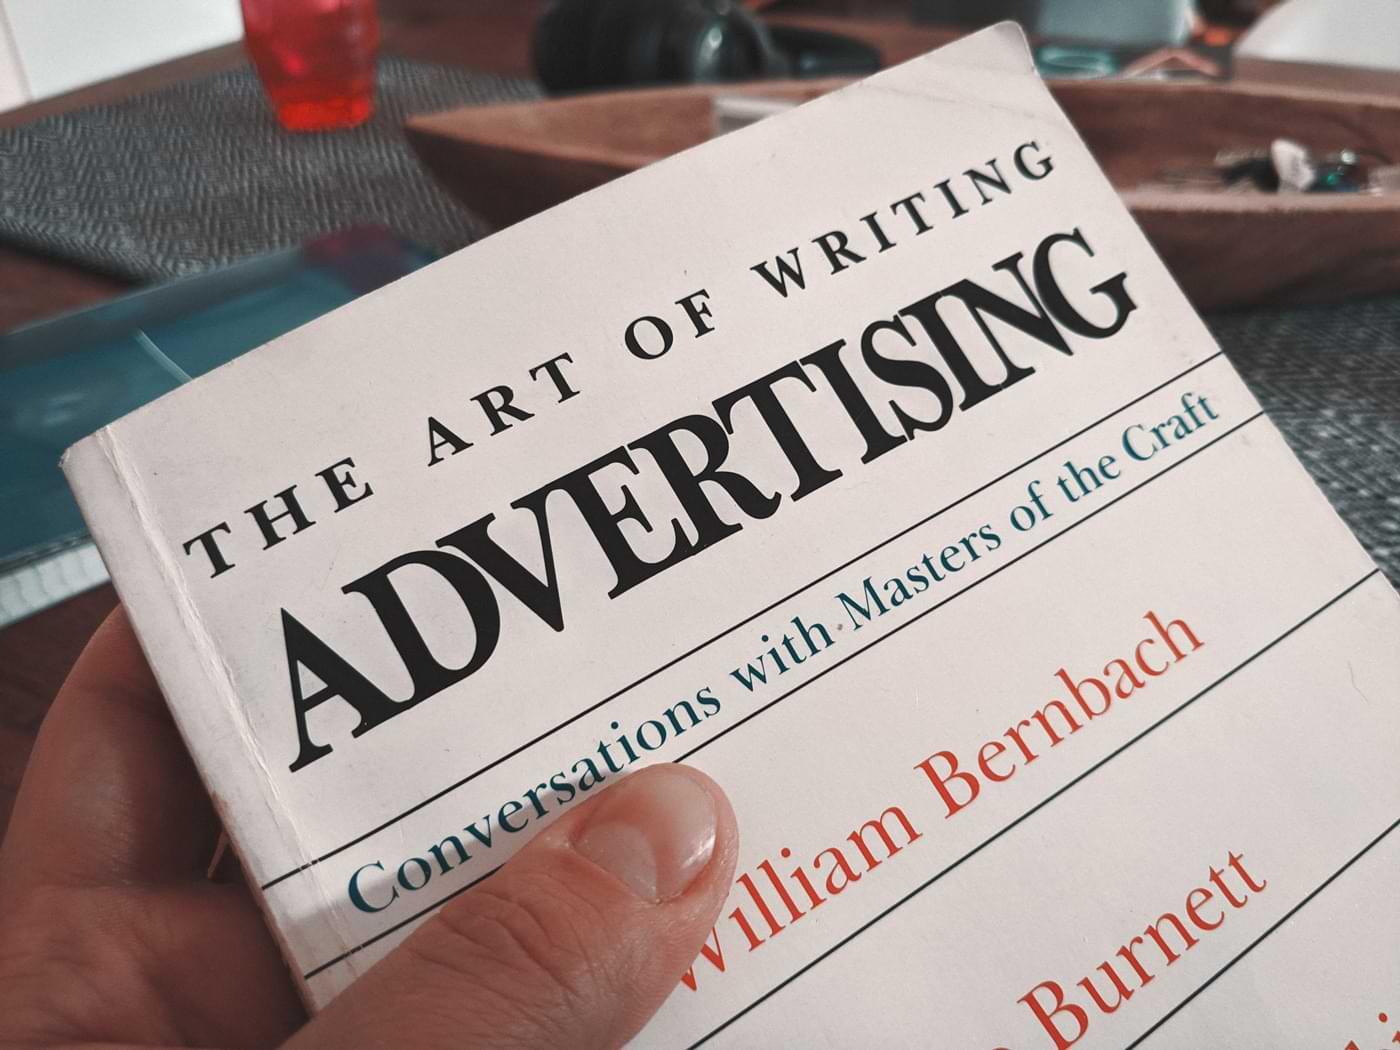 """Was ich aus dem Buch """"The art of writing Advertising"""" gelernt habe."""